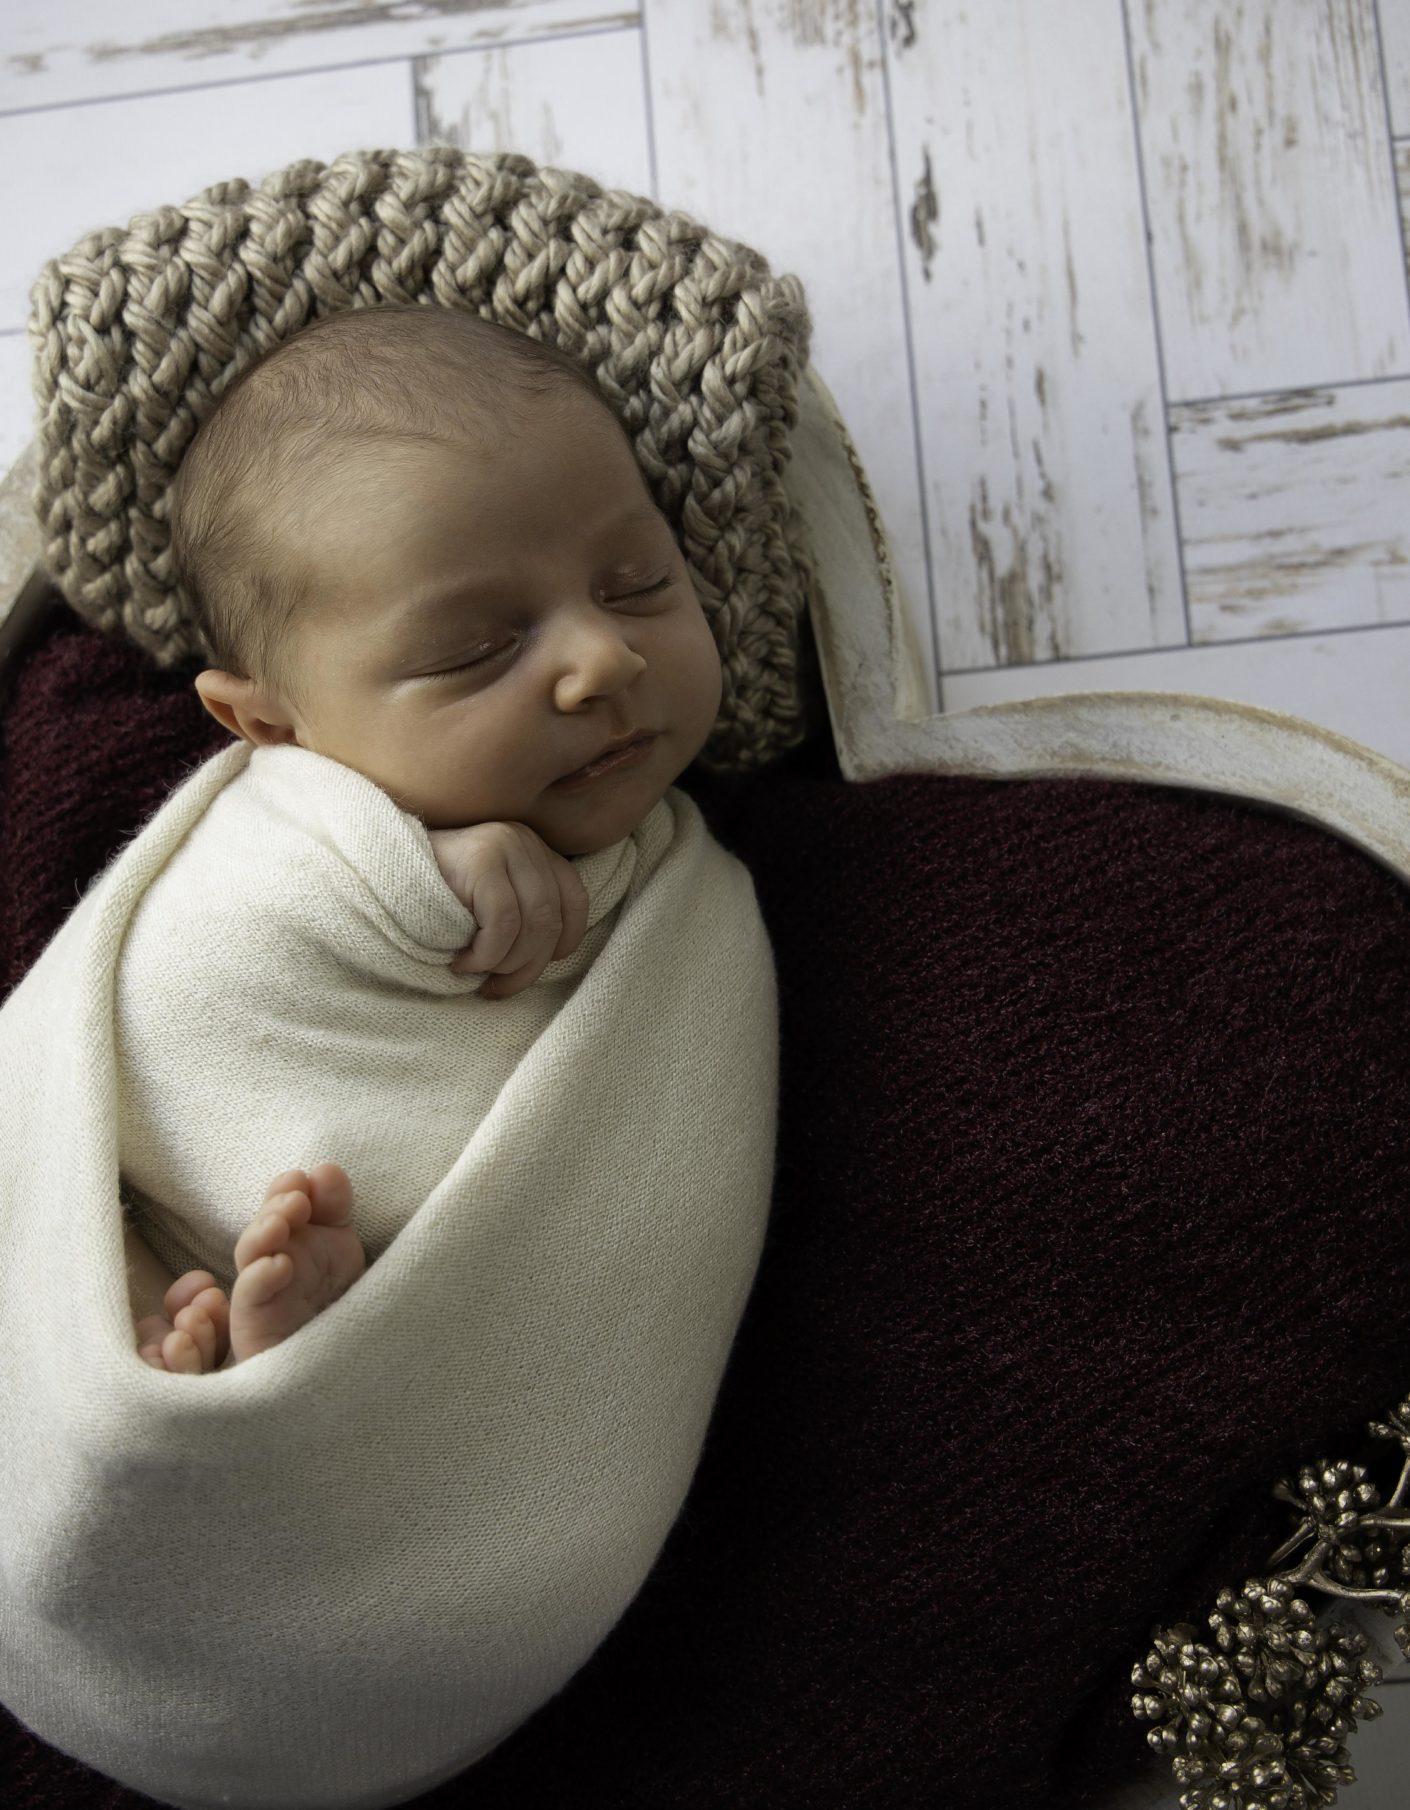 Bébé fille emmaillotée, contenant coeur